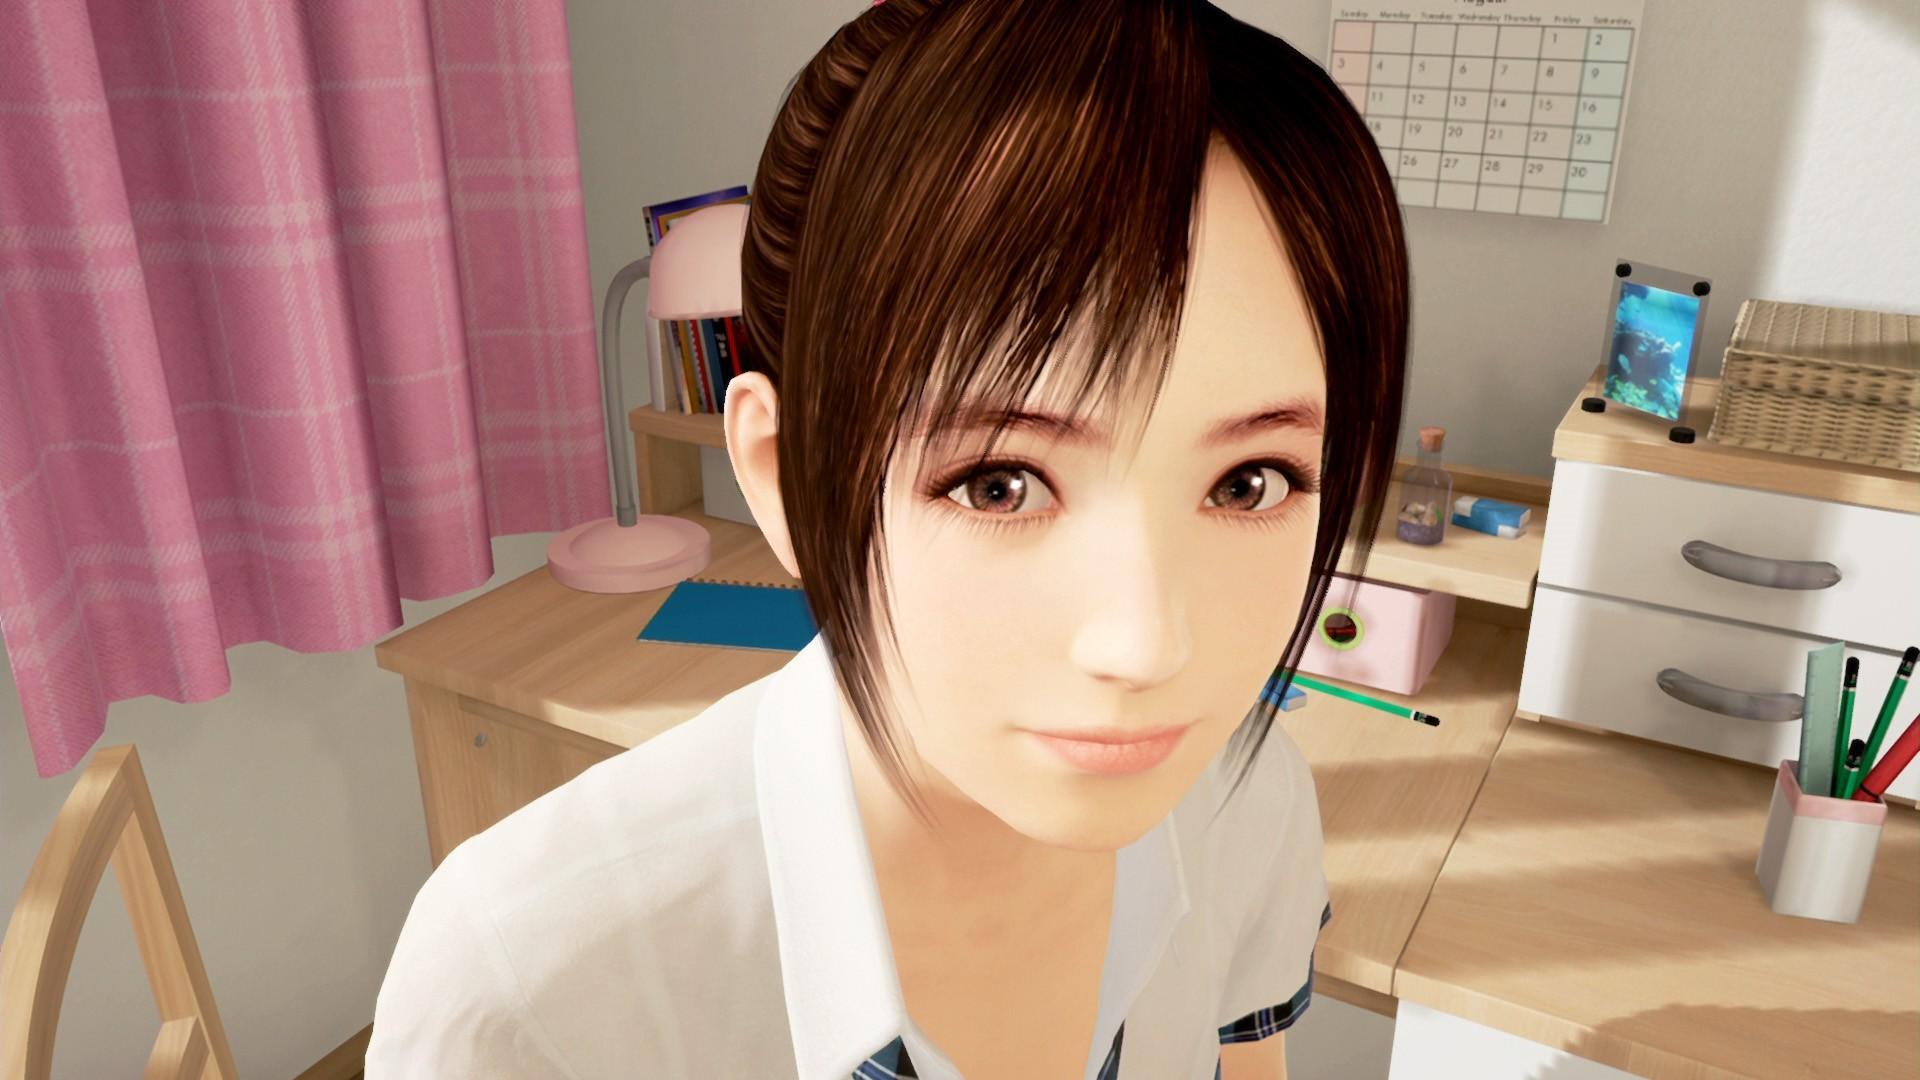 《夏日课堂》位列日本地区VR游戏销量排行第二